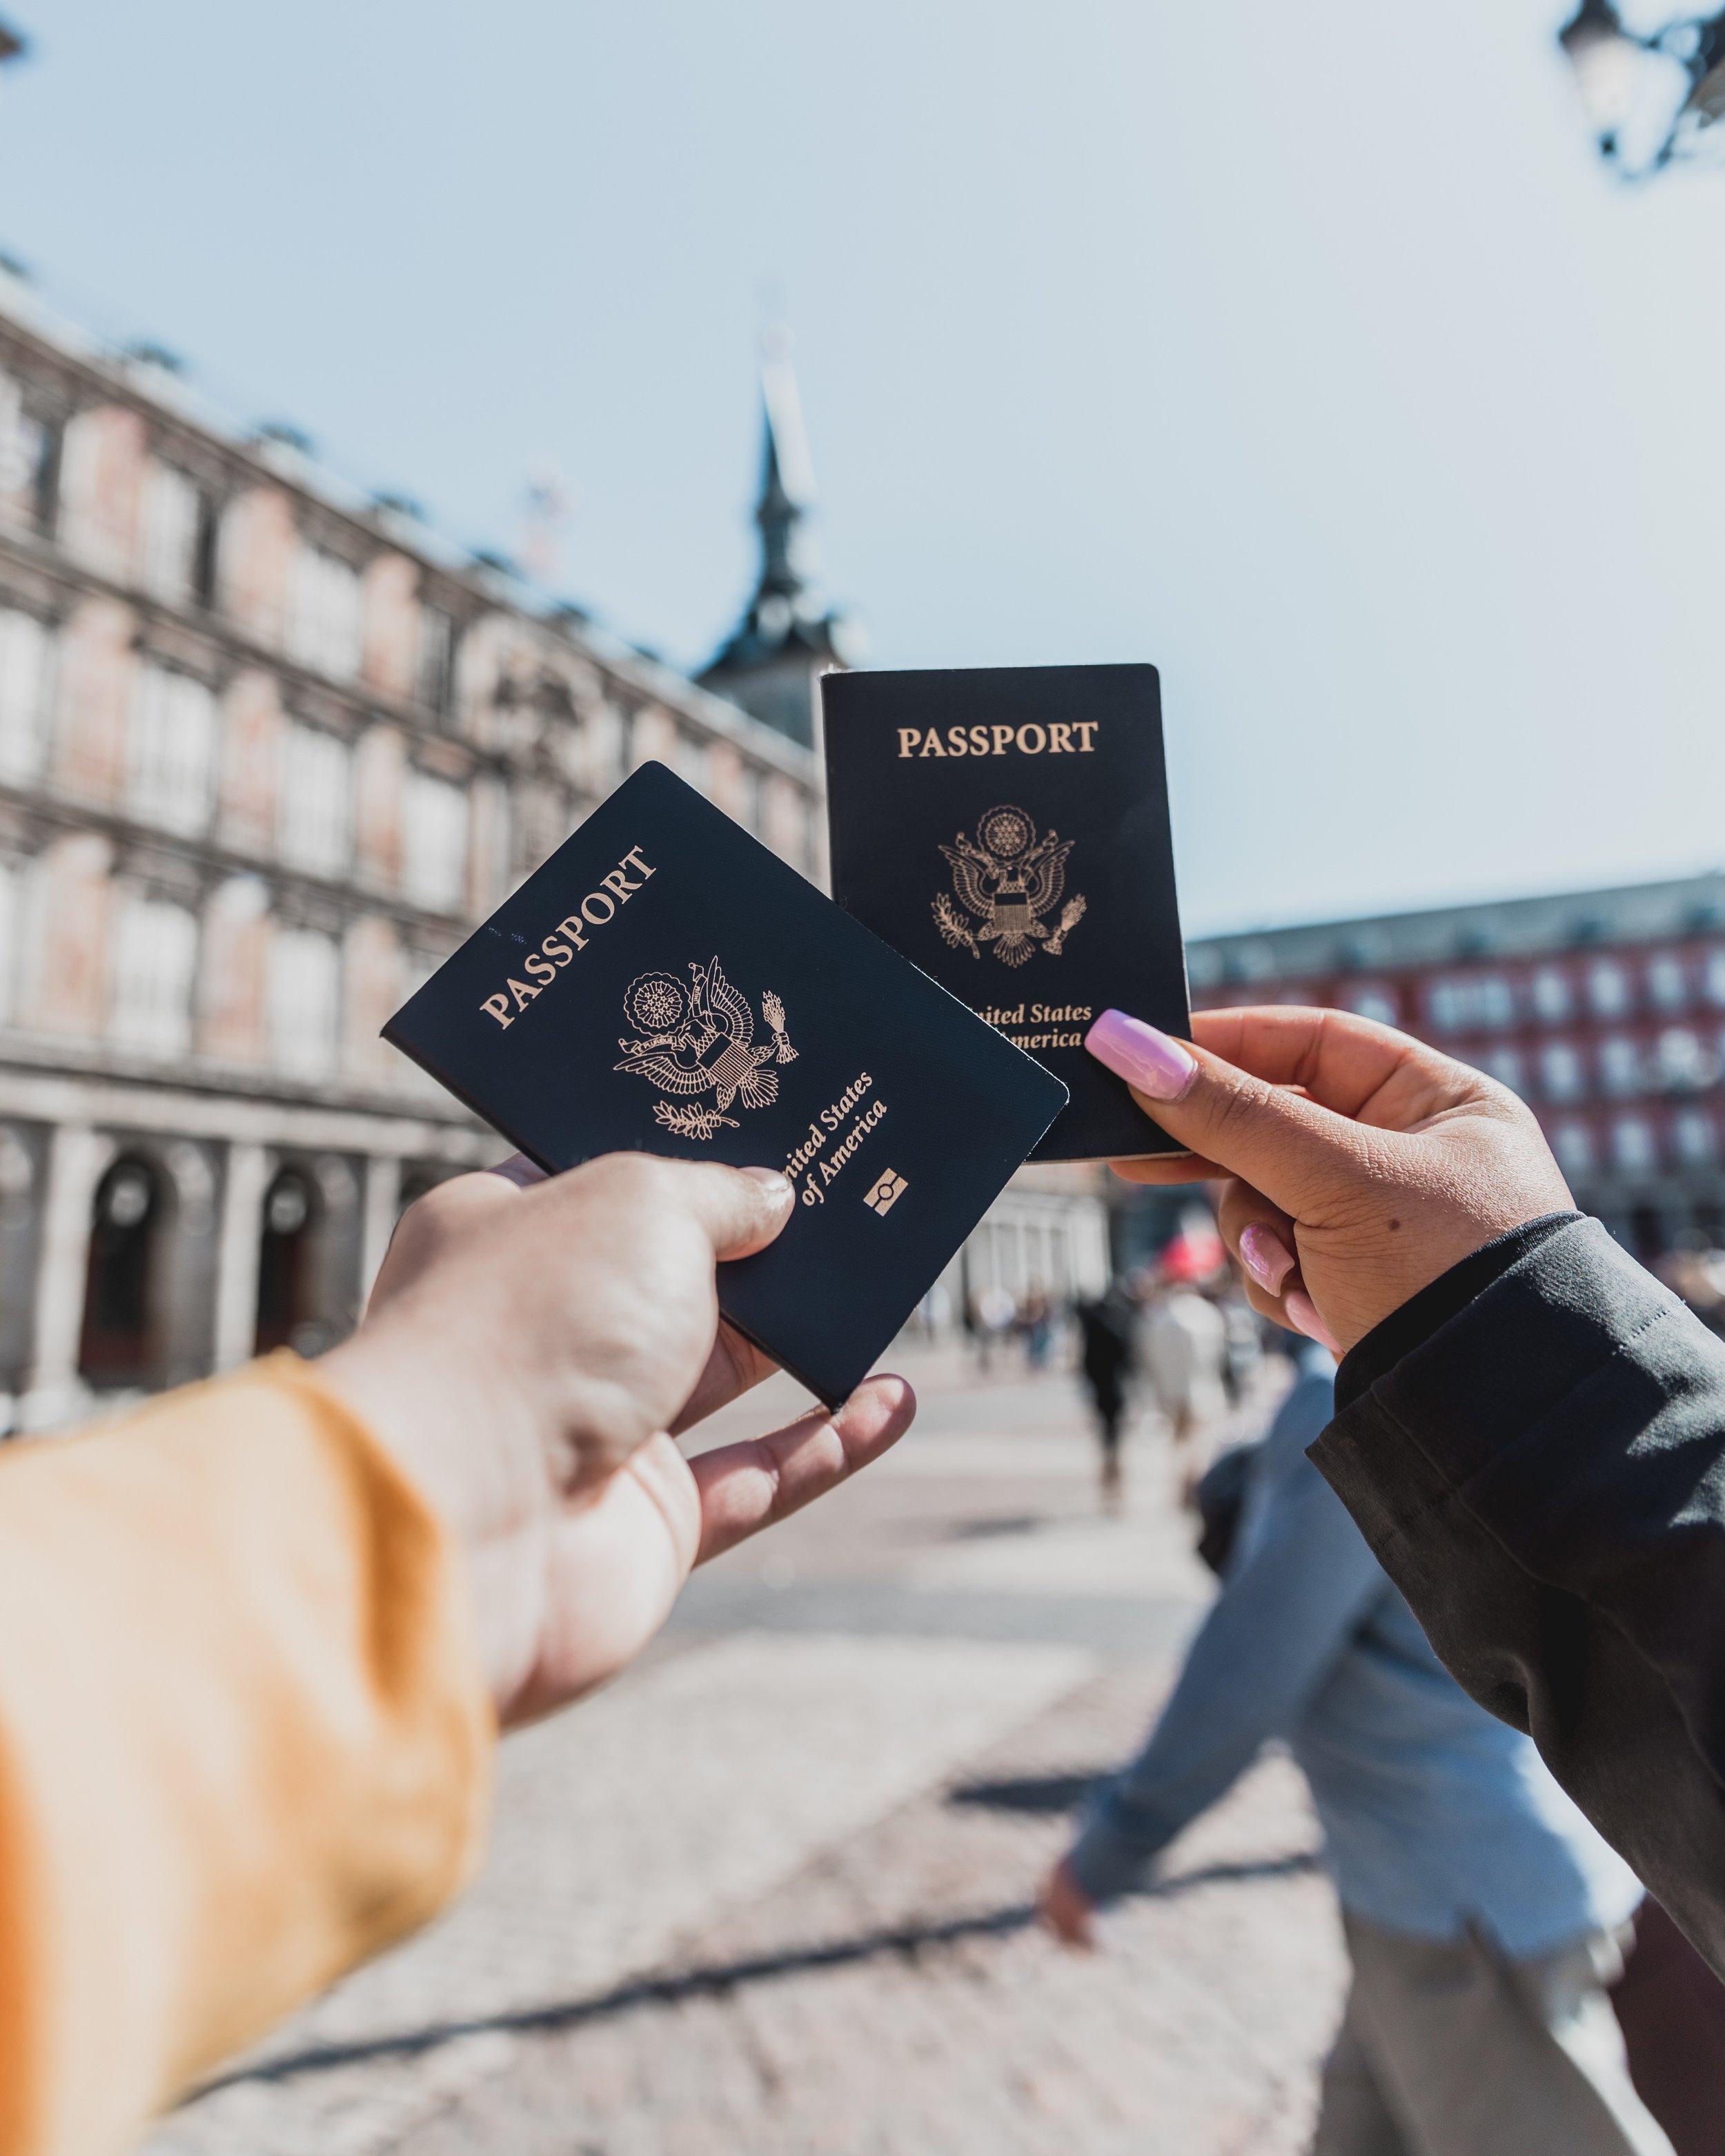 2. La noche antes del regreso, asegúrate que no encuentre su pasaporte ni sus identificaciones - Nada es más especial que los nuevos comienzos. Imagínate un nuevo comienzo para tu ex en otro país, lejos de ti, y un nuevo comienzo para tu vida.